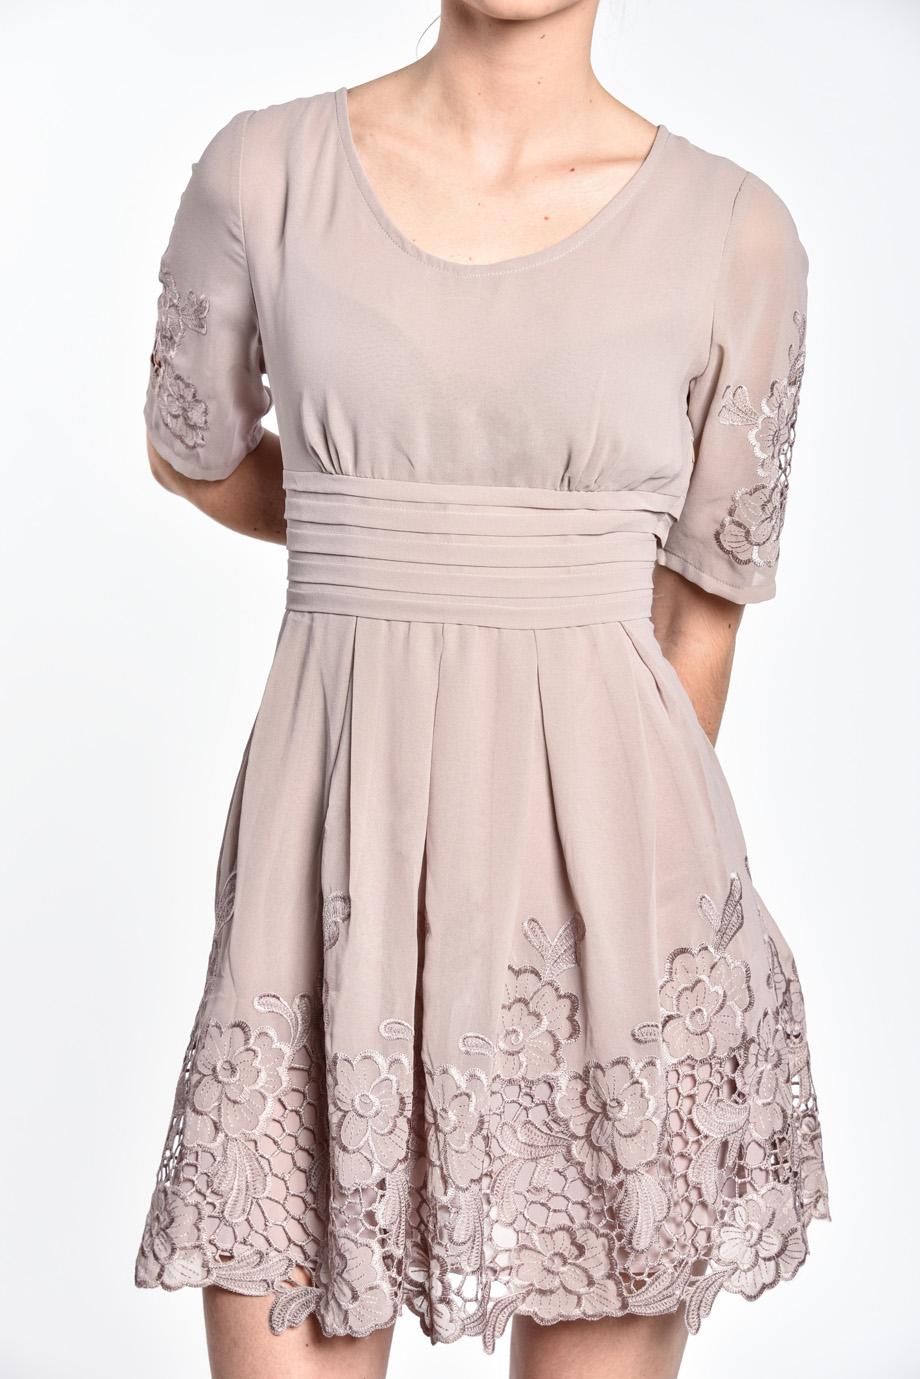 b9ad2c9b605d obrázok 3 Chicwish sivé šaty s rukávom